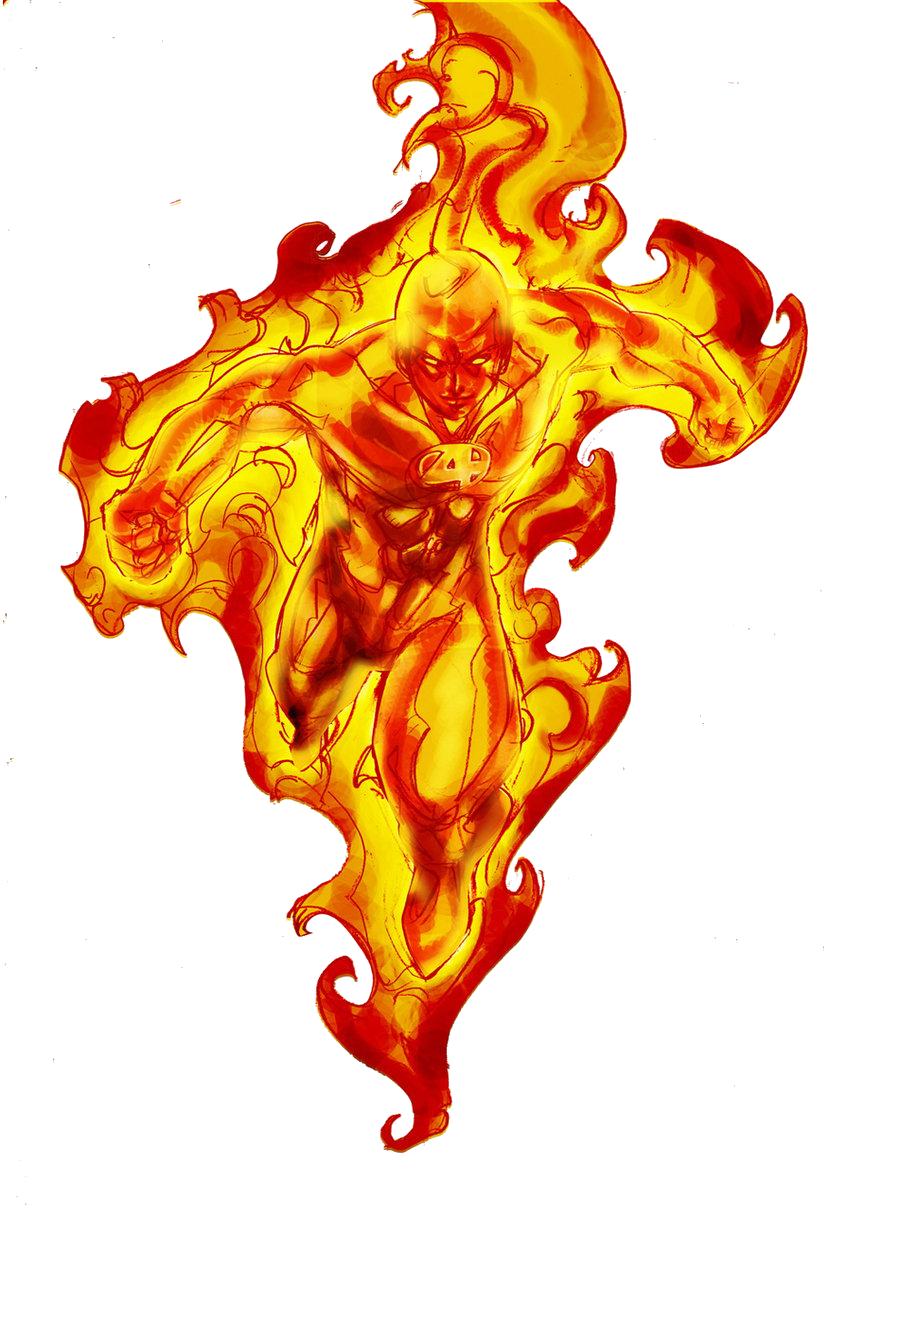 Torch clipart cartoon. Human png transparent image